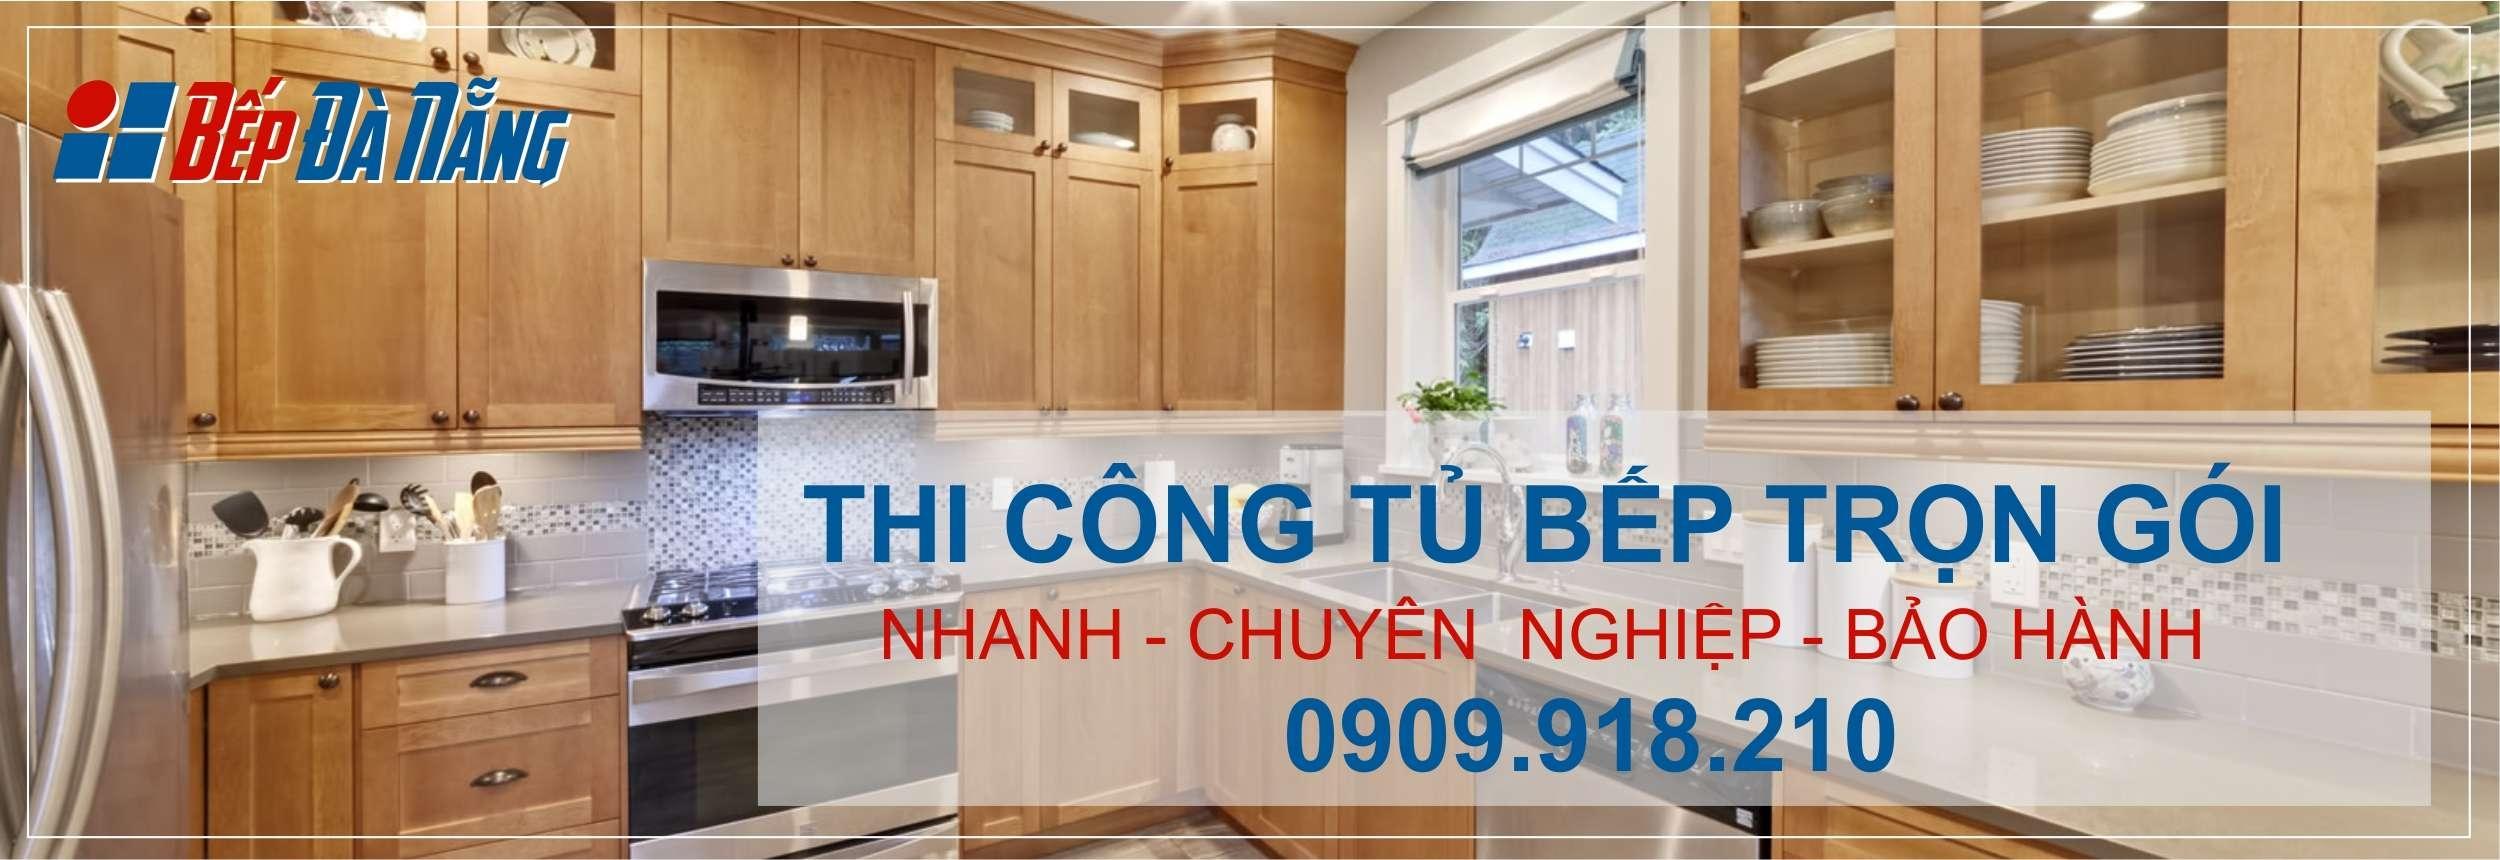 Bếp Đà Nẵng - Chuyên Bếp và thi công Tủ Bếp (@bepdanang) Cover Image